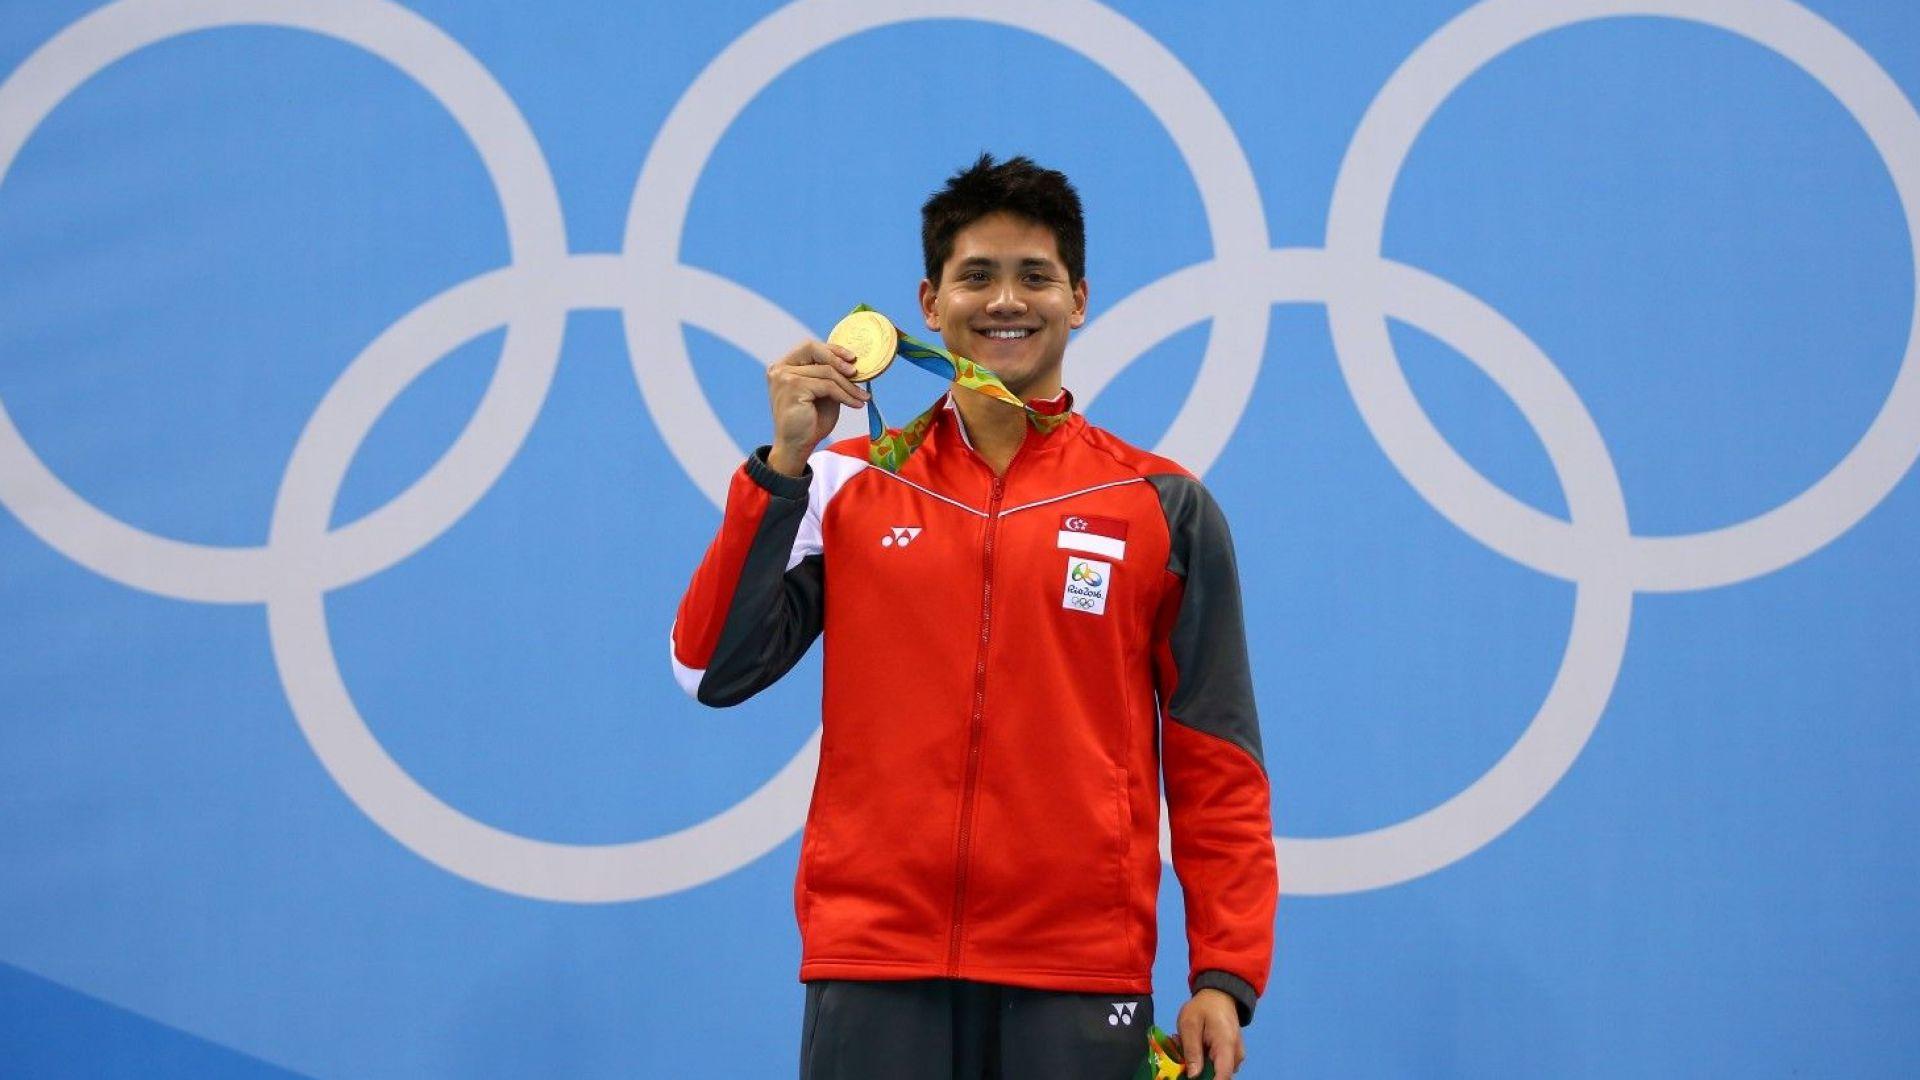 Олимпийски шампион влиза в казармата за 2 г. и участието му в Париж 2024 е под въпрос